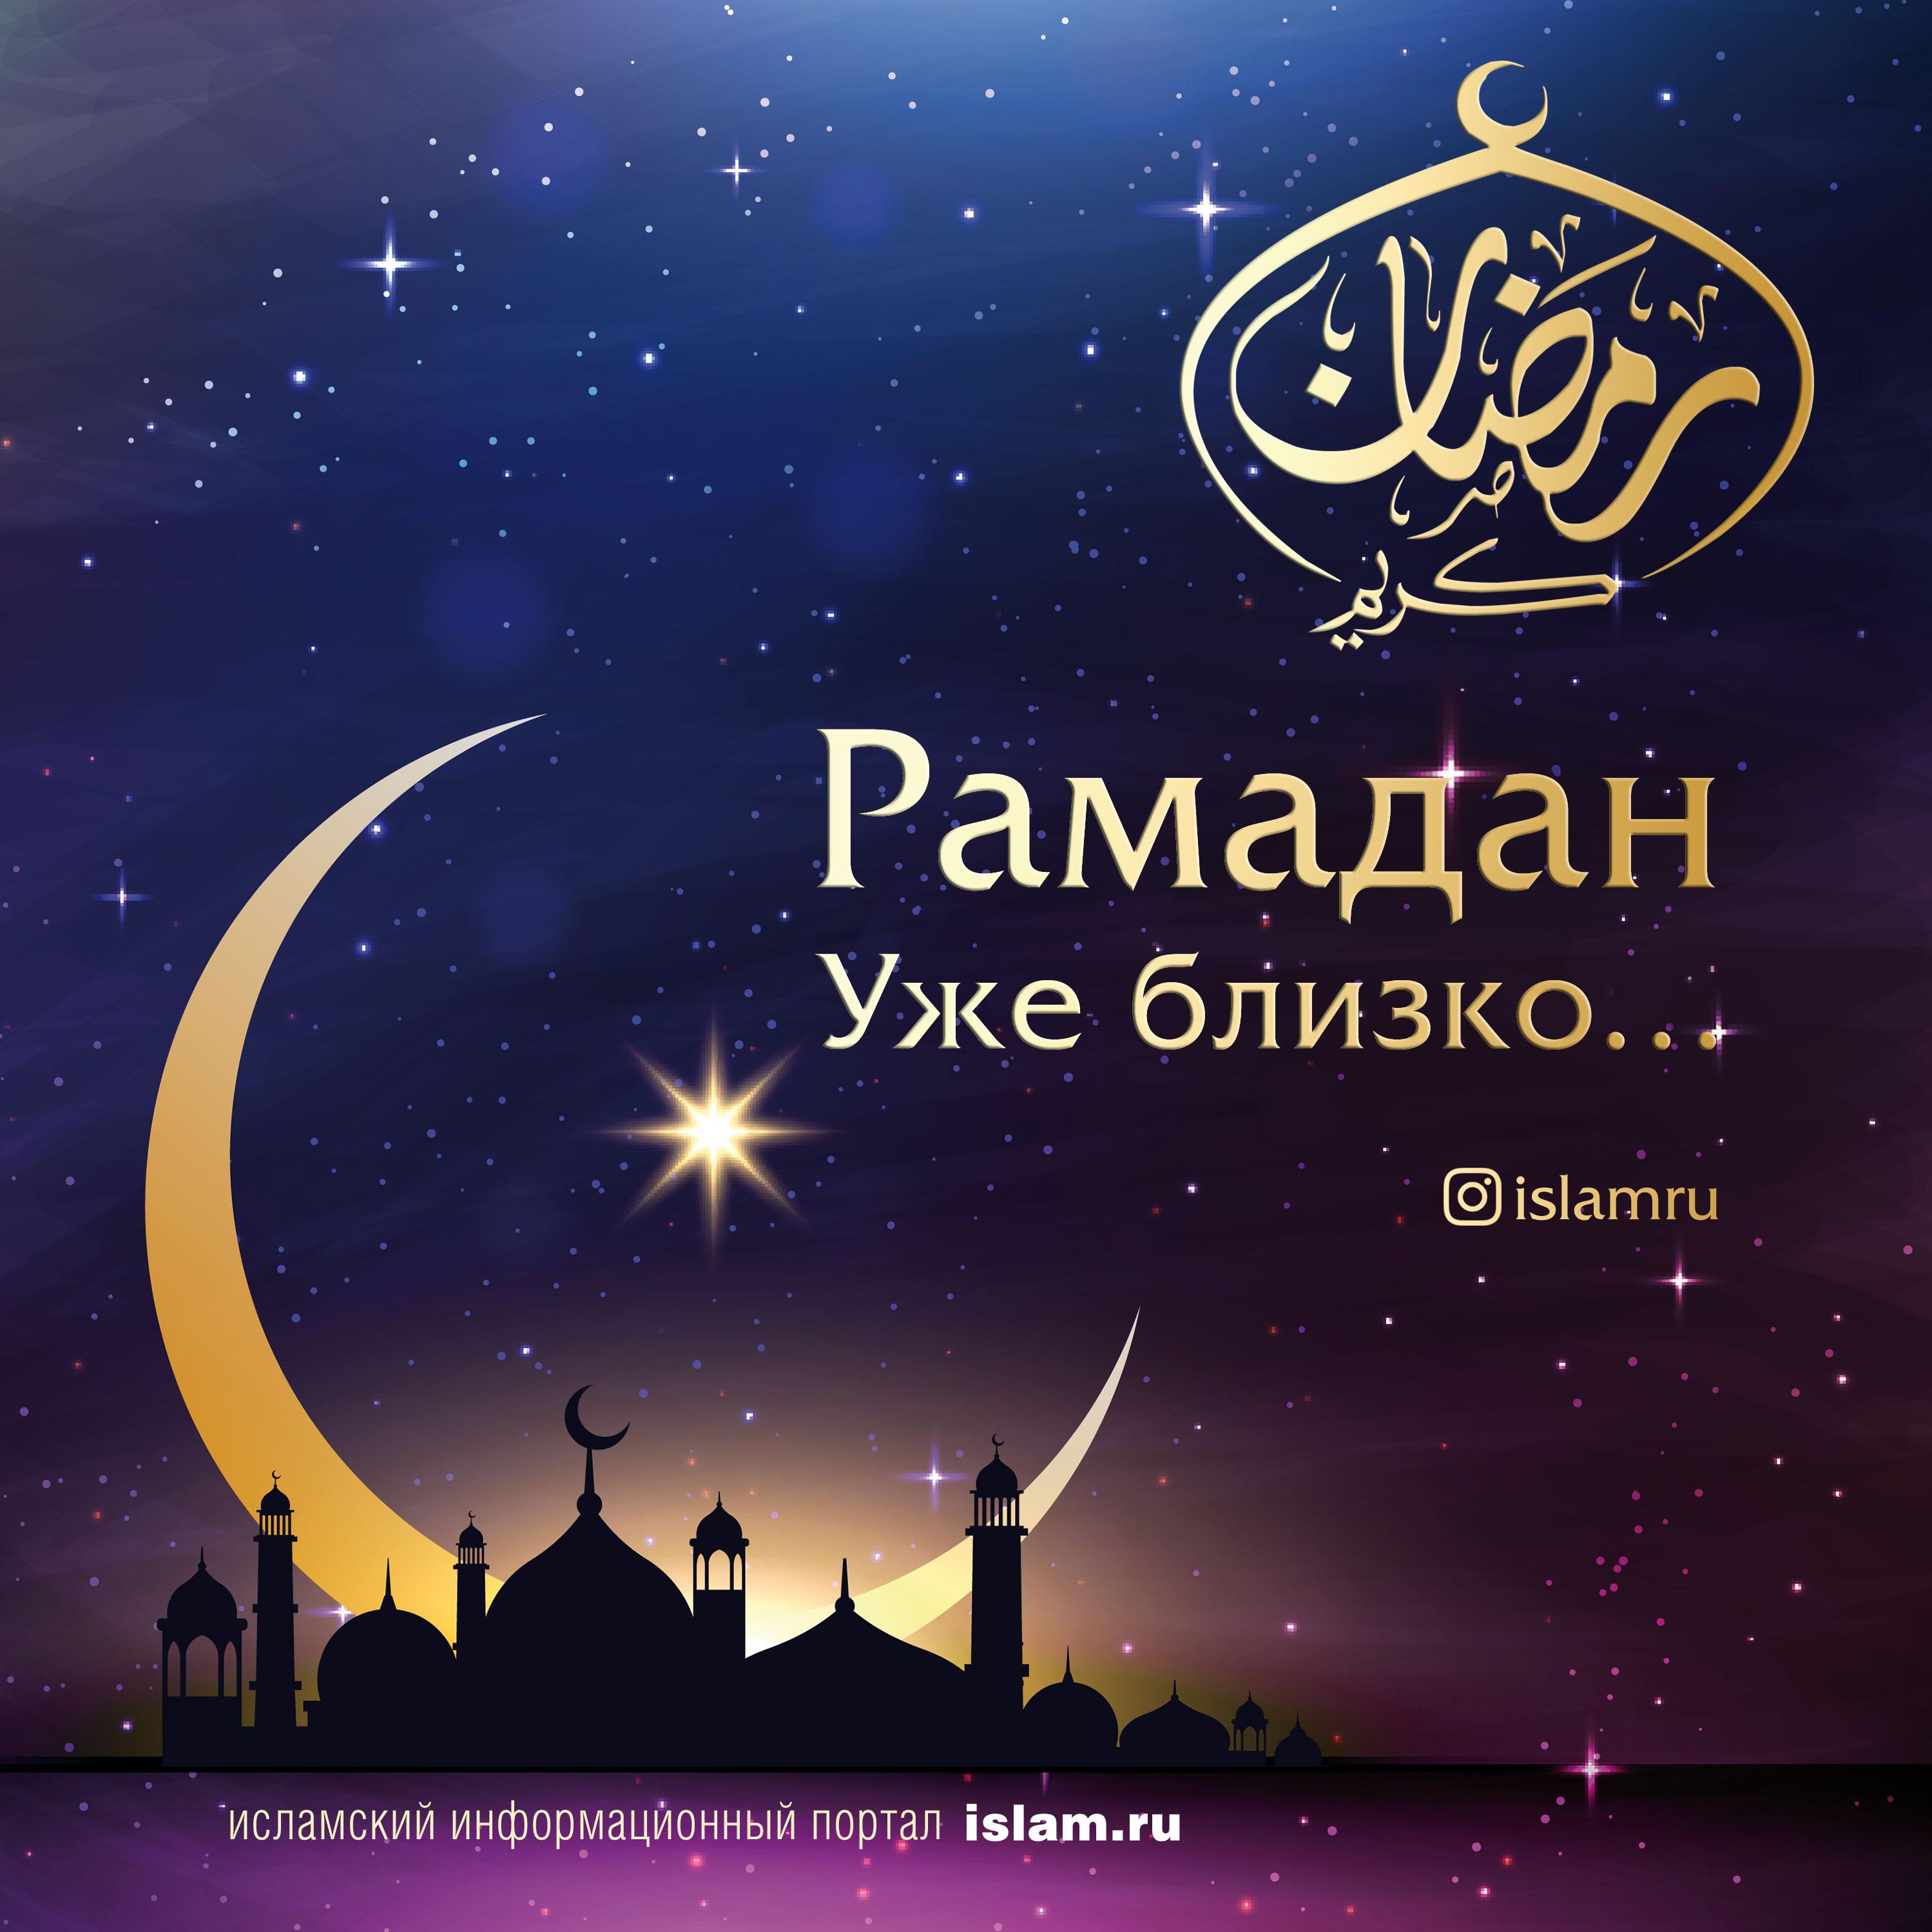 Какой сегодня праздник у мусульман 2018 поздравления 67